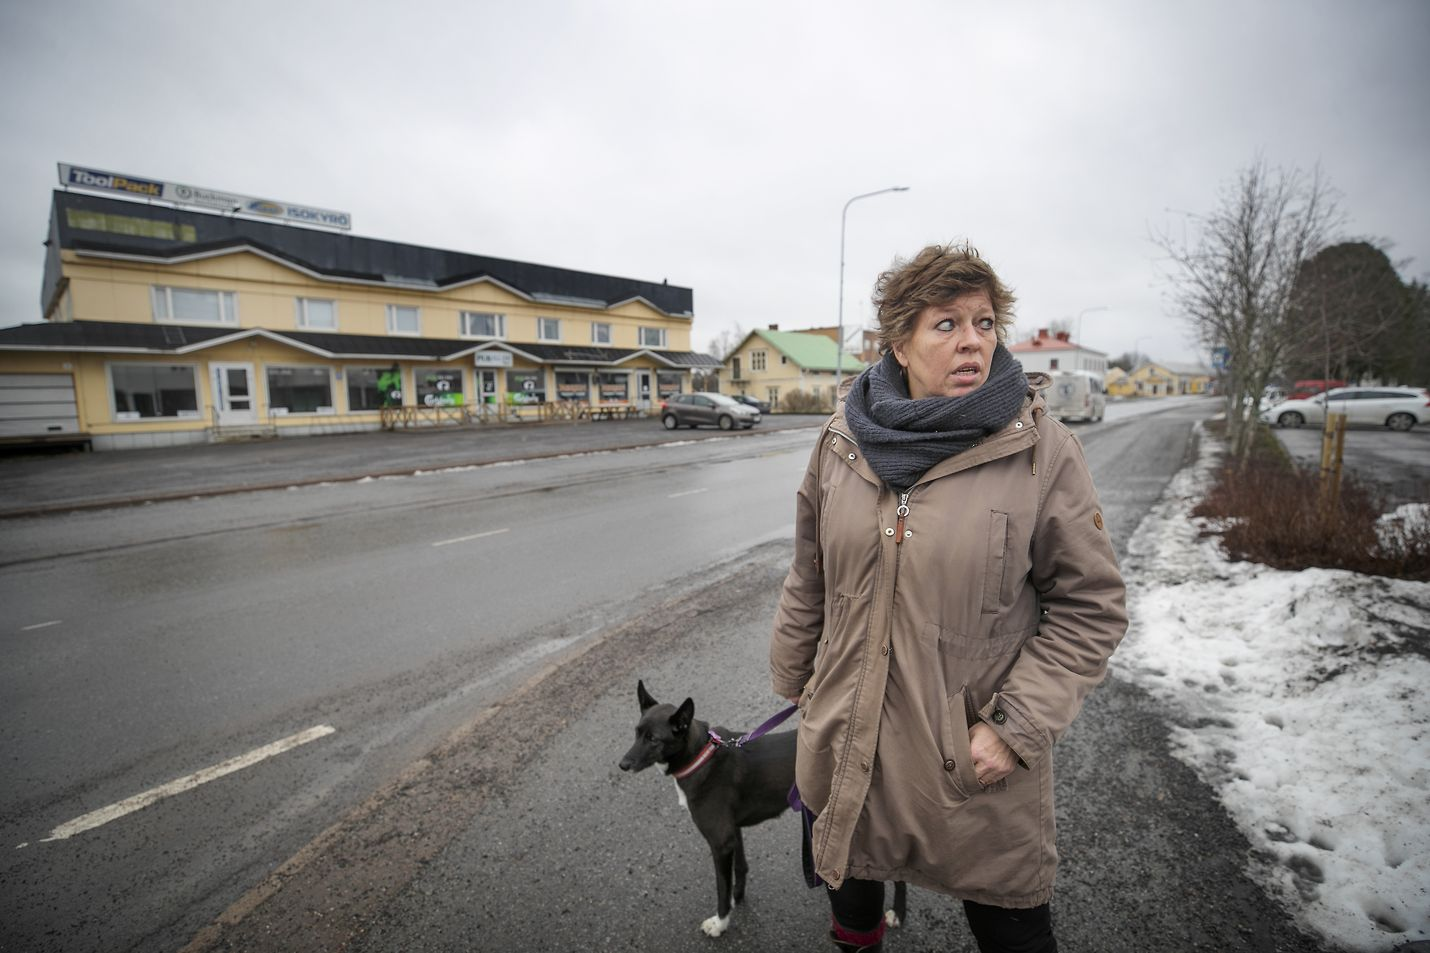 Minna Lymi ja Pipa-koira ovat jo tuttu näky Isossakyrössä. Lymin toinen asuinmaa Italia voisi kavahduttaa vastaantulijoita, mutta korona-pelko haihtuu, kun Lymi kertoo olleensa Suomessa tammikuusta lähtien.